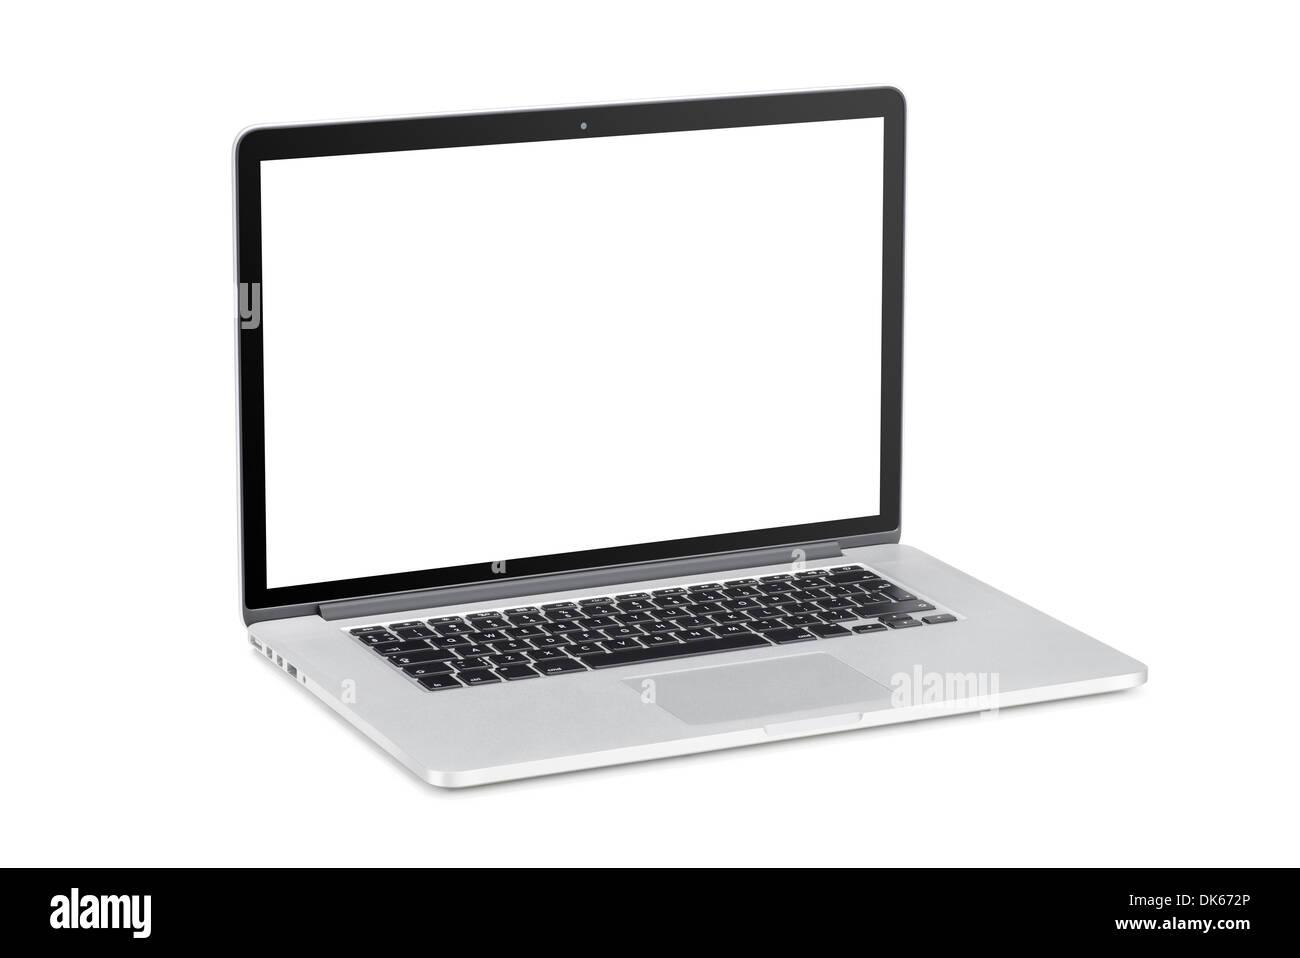 Tourné à un angle léger ordinateur portable moderne avec de l'écran vide isolé sur fond blanc. Haute qualité. Banque D'Images